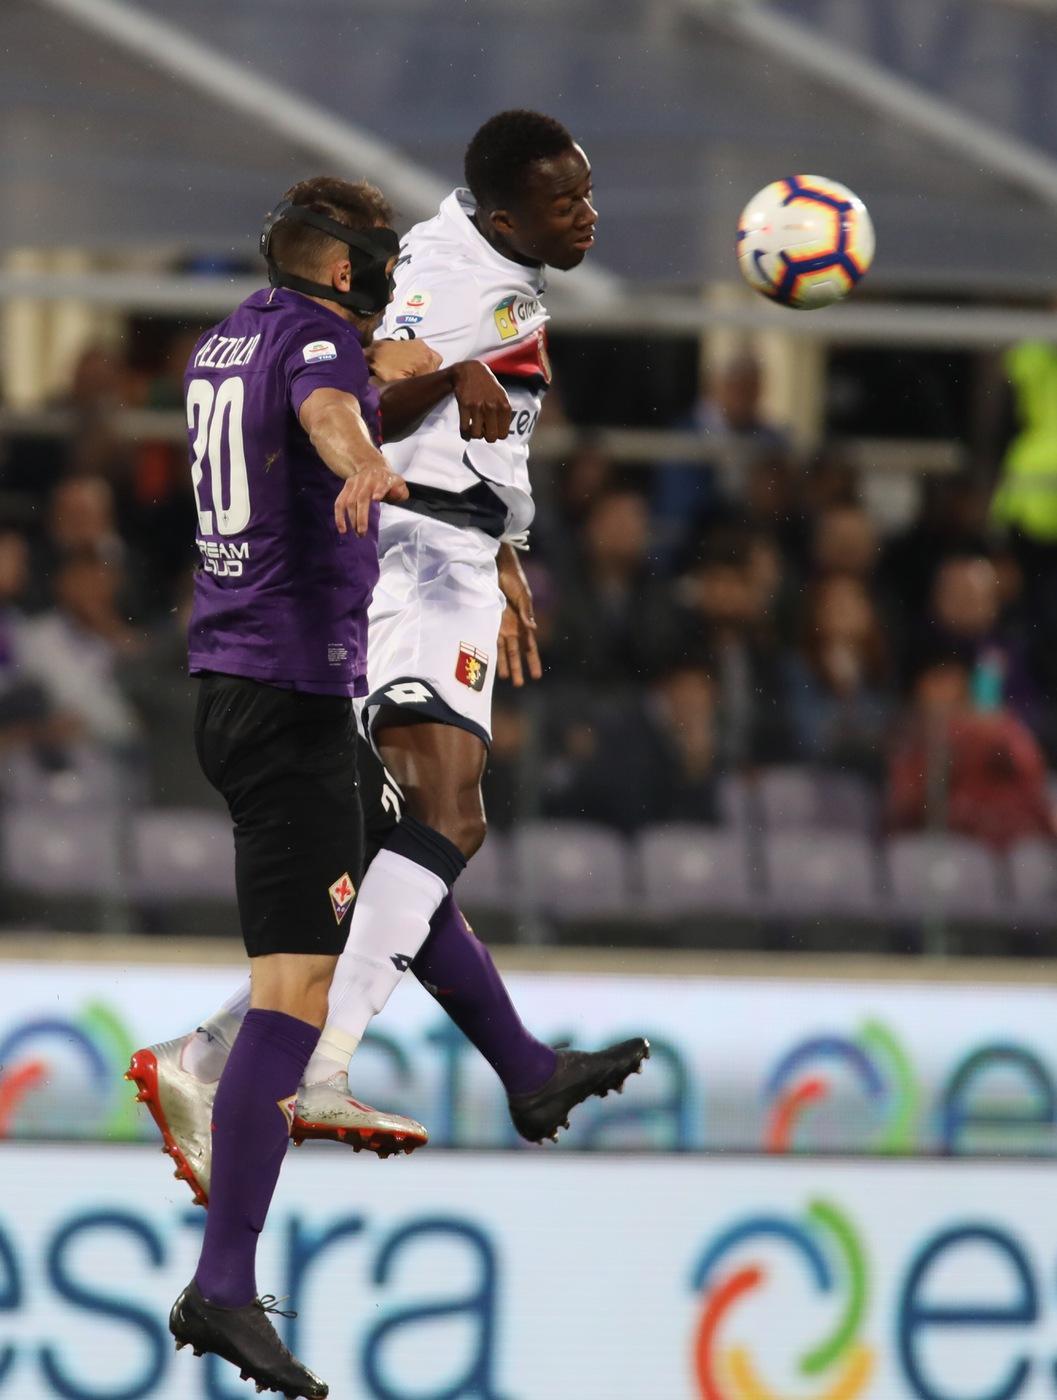 Serie A, Fiorentina-Genoa: la fotostoria del match